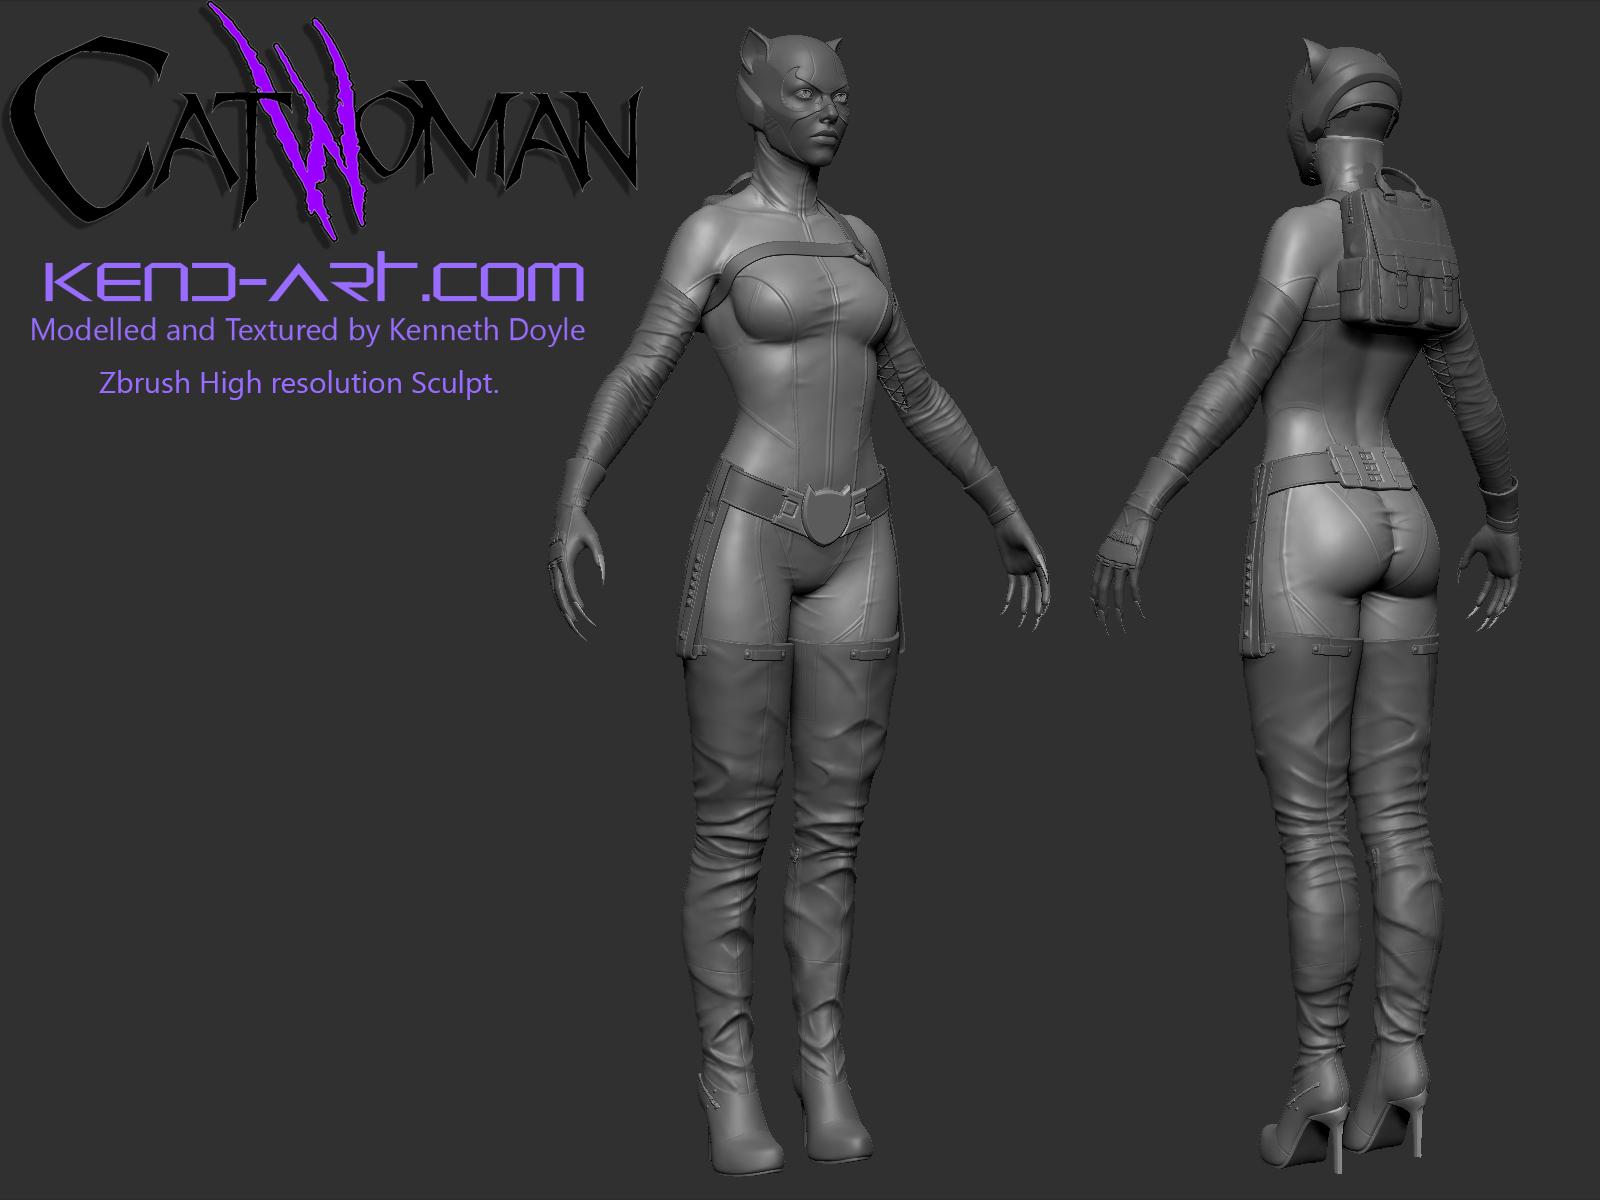 catwoman___zbrush_sculpt_by_kdoyle9-d7vpfje.jpg